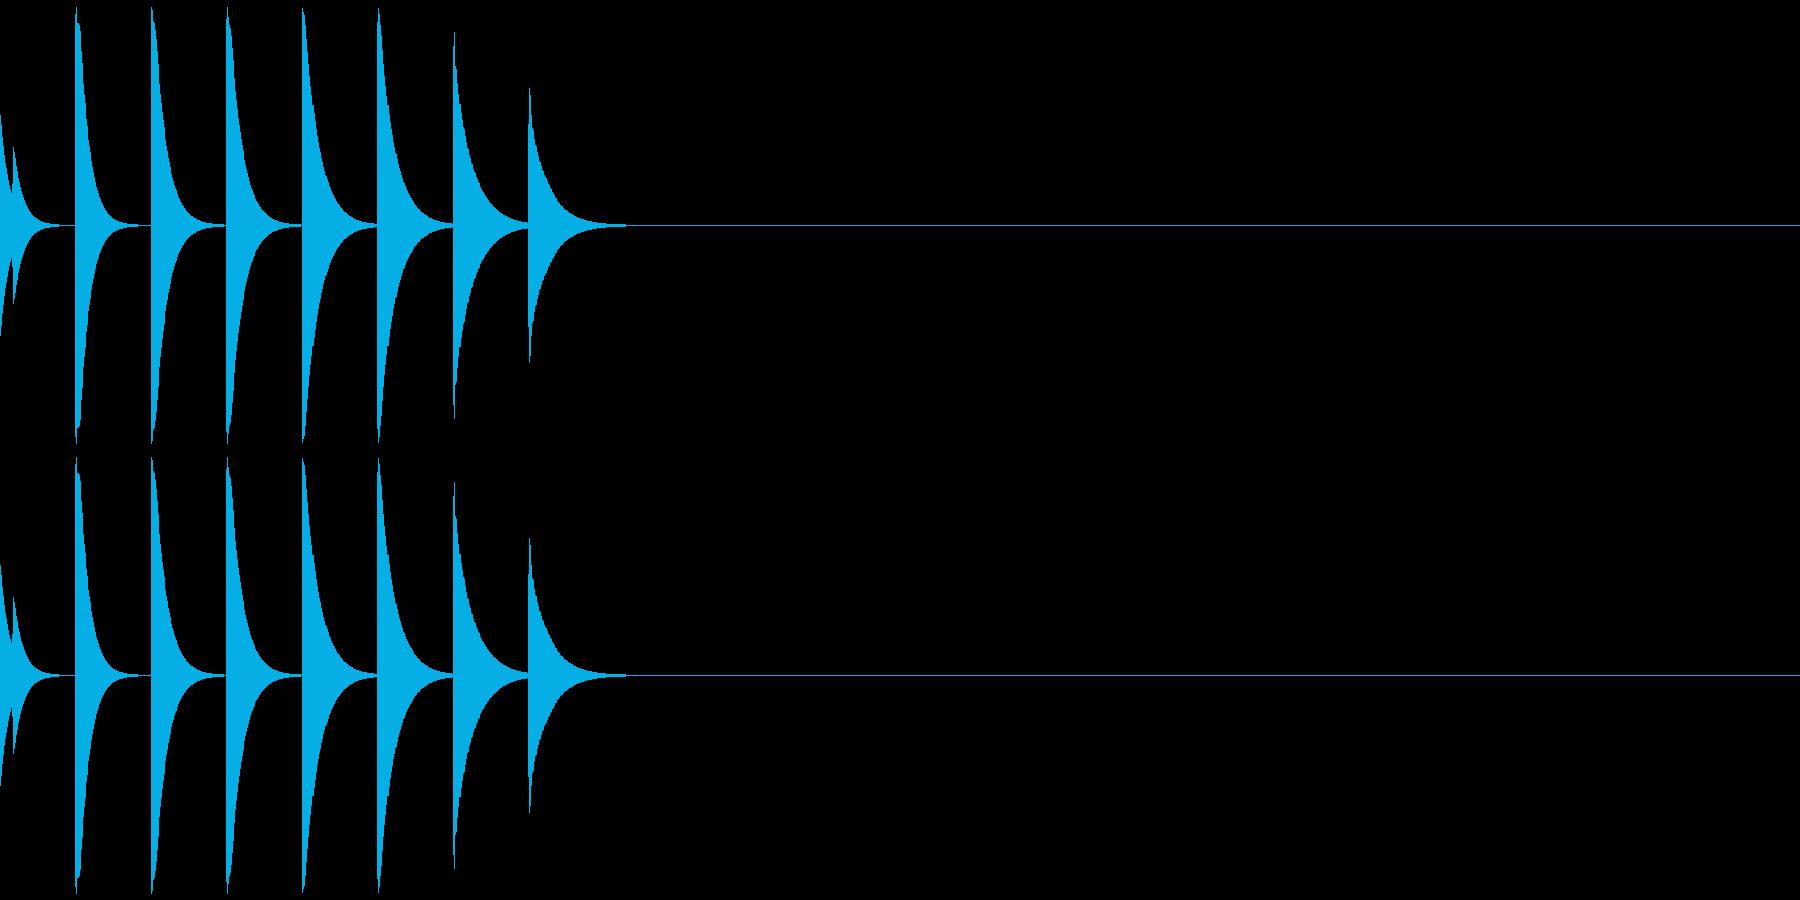 アイキャッチ/場面転換/ジングル/4-Bの再生済みの波形